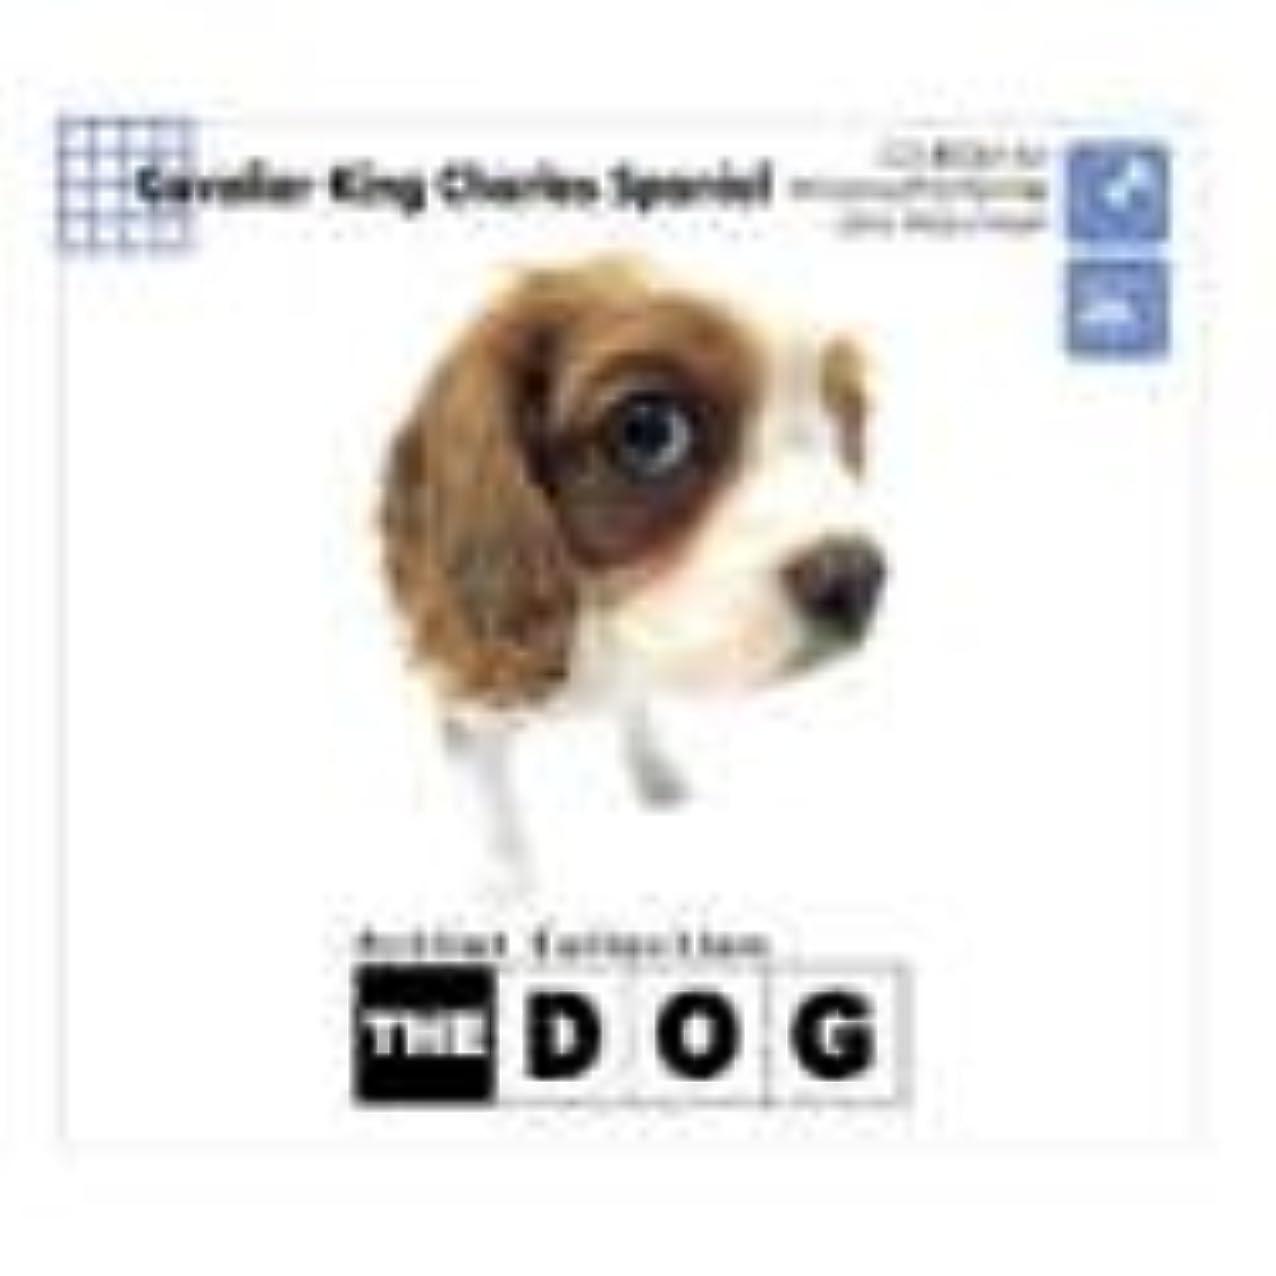 証明命令的鷲THE DOG ~ CavalierKingCharlesSpaniel